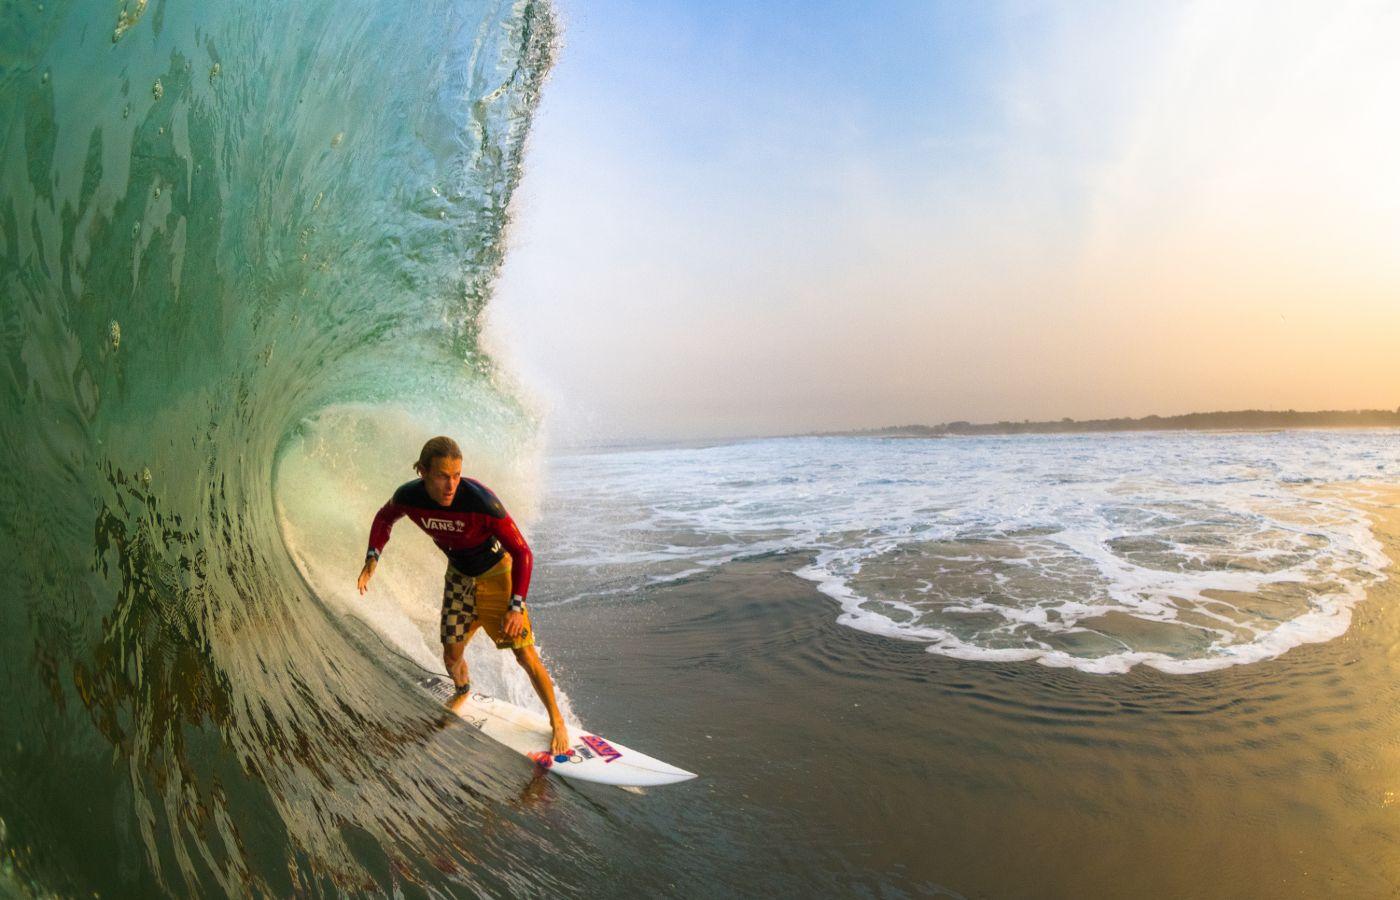 GP_-_Surfing